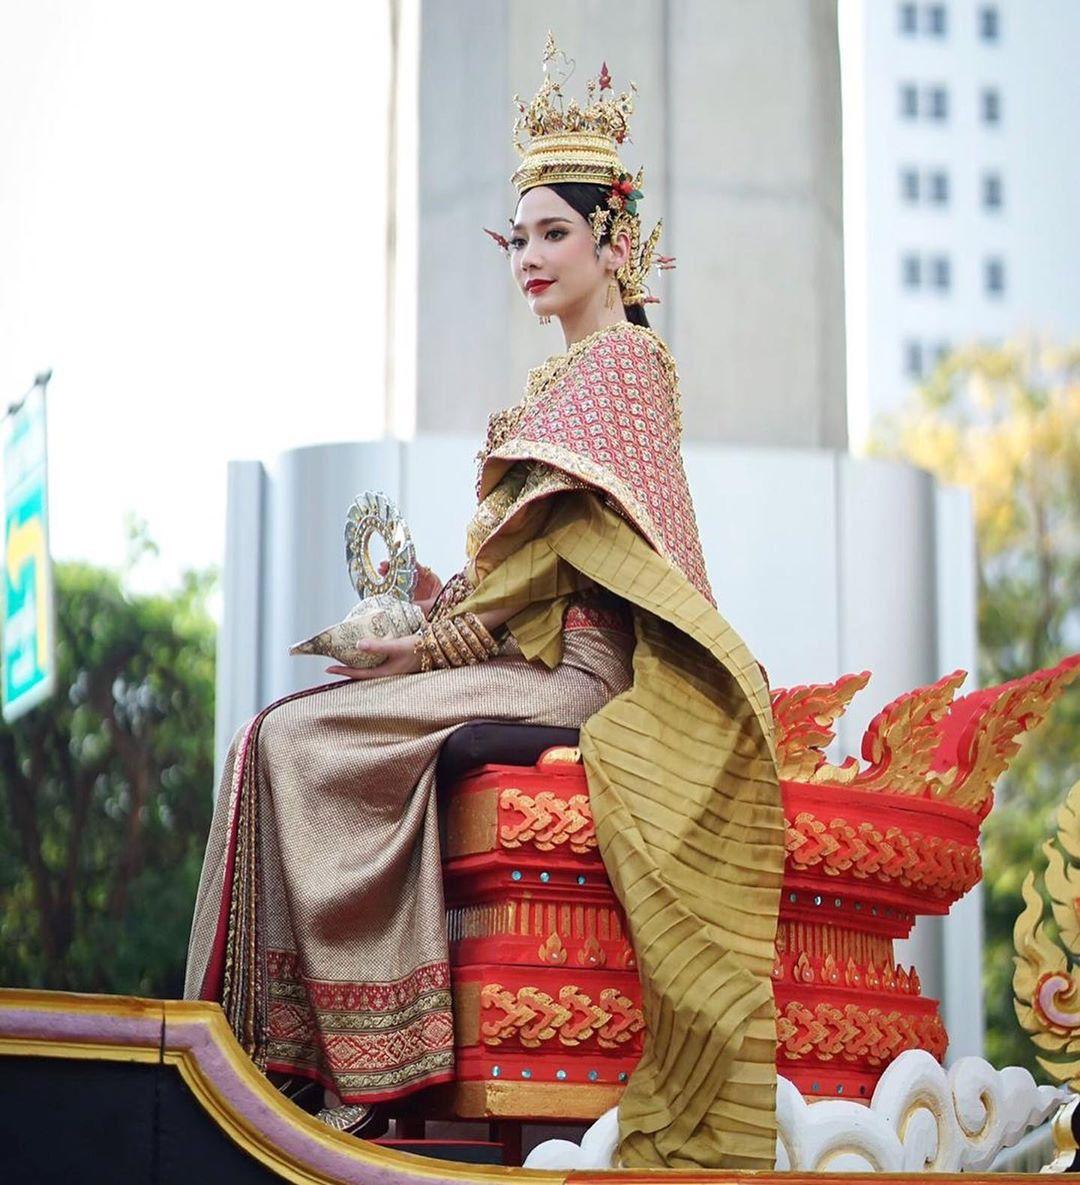 Ngắm nhăn sắc đỉnh cao của dàn mỹ nhân Tbiz khi hóa nữ thần tại Songkran 2019 (10)